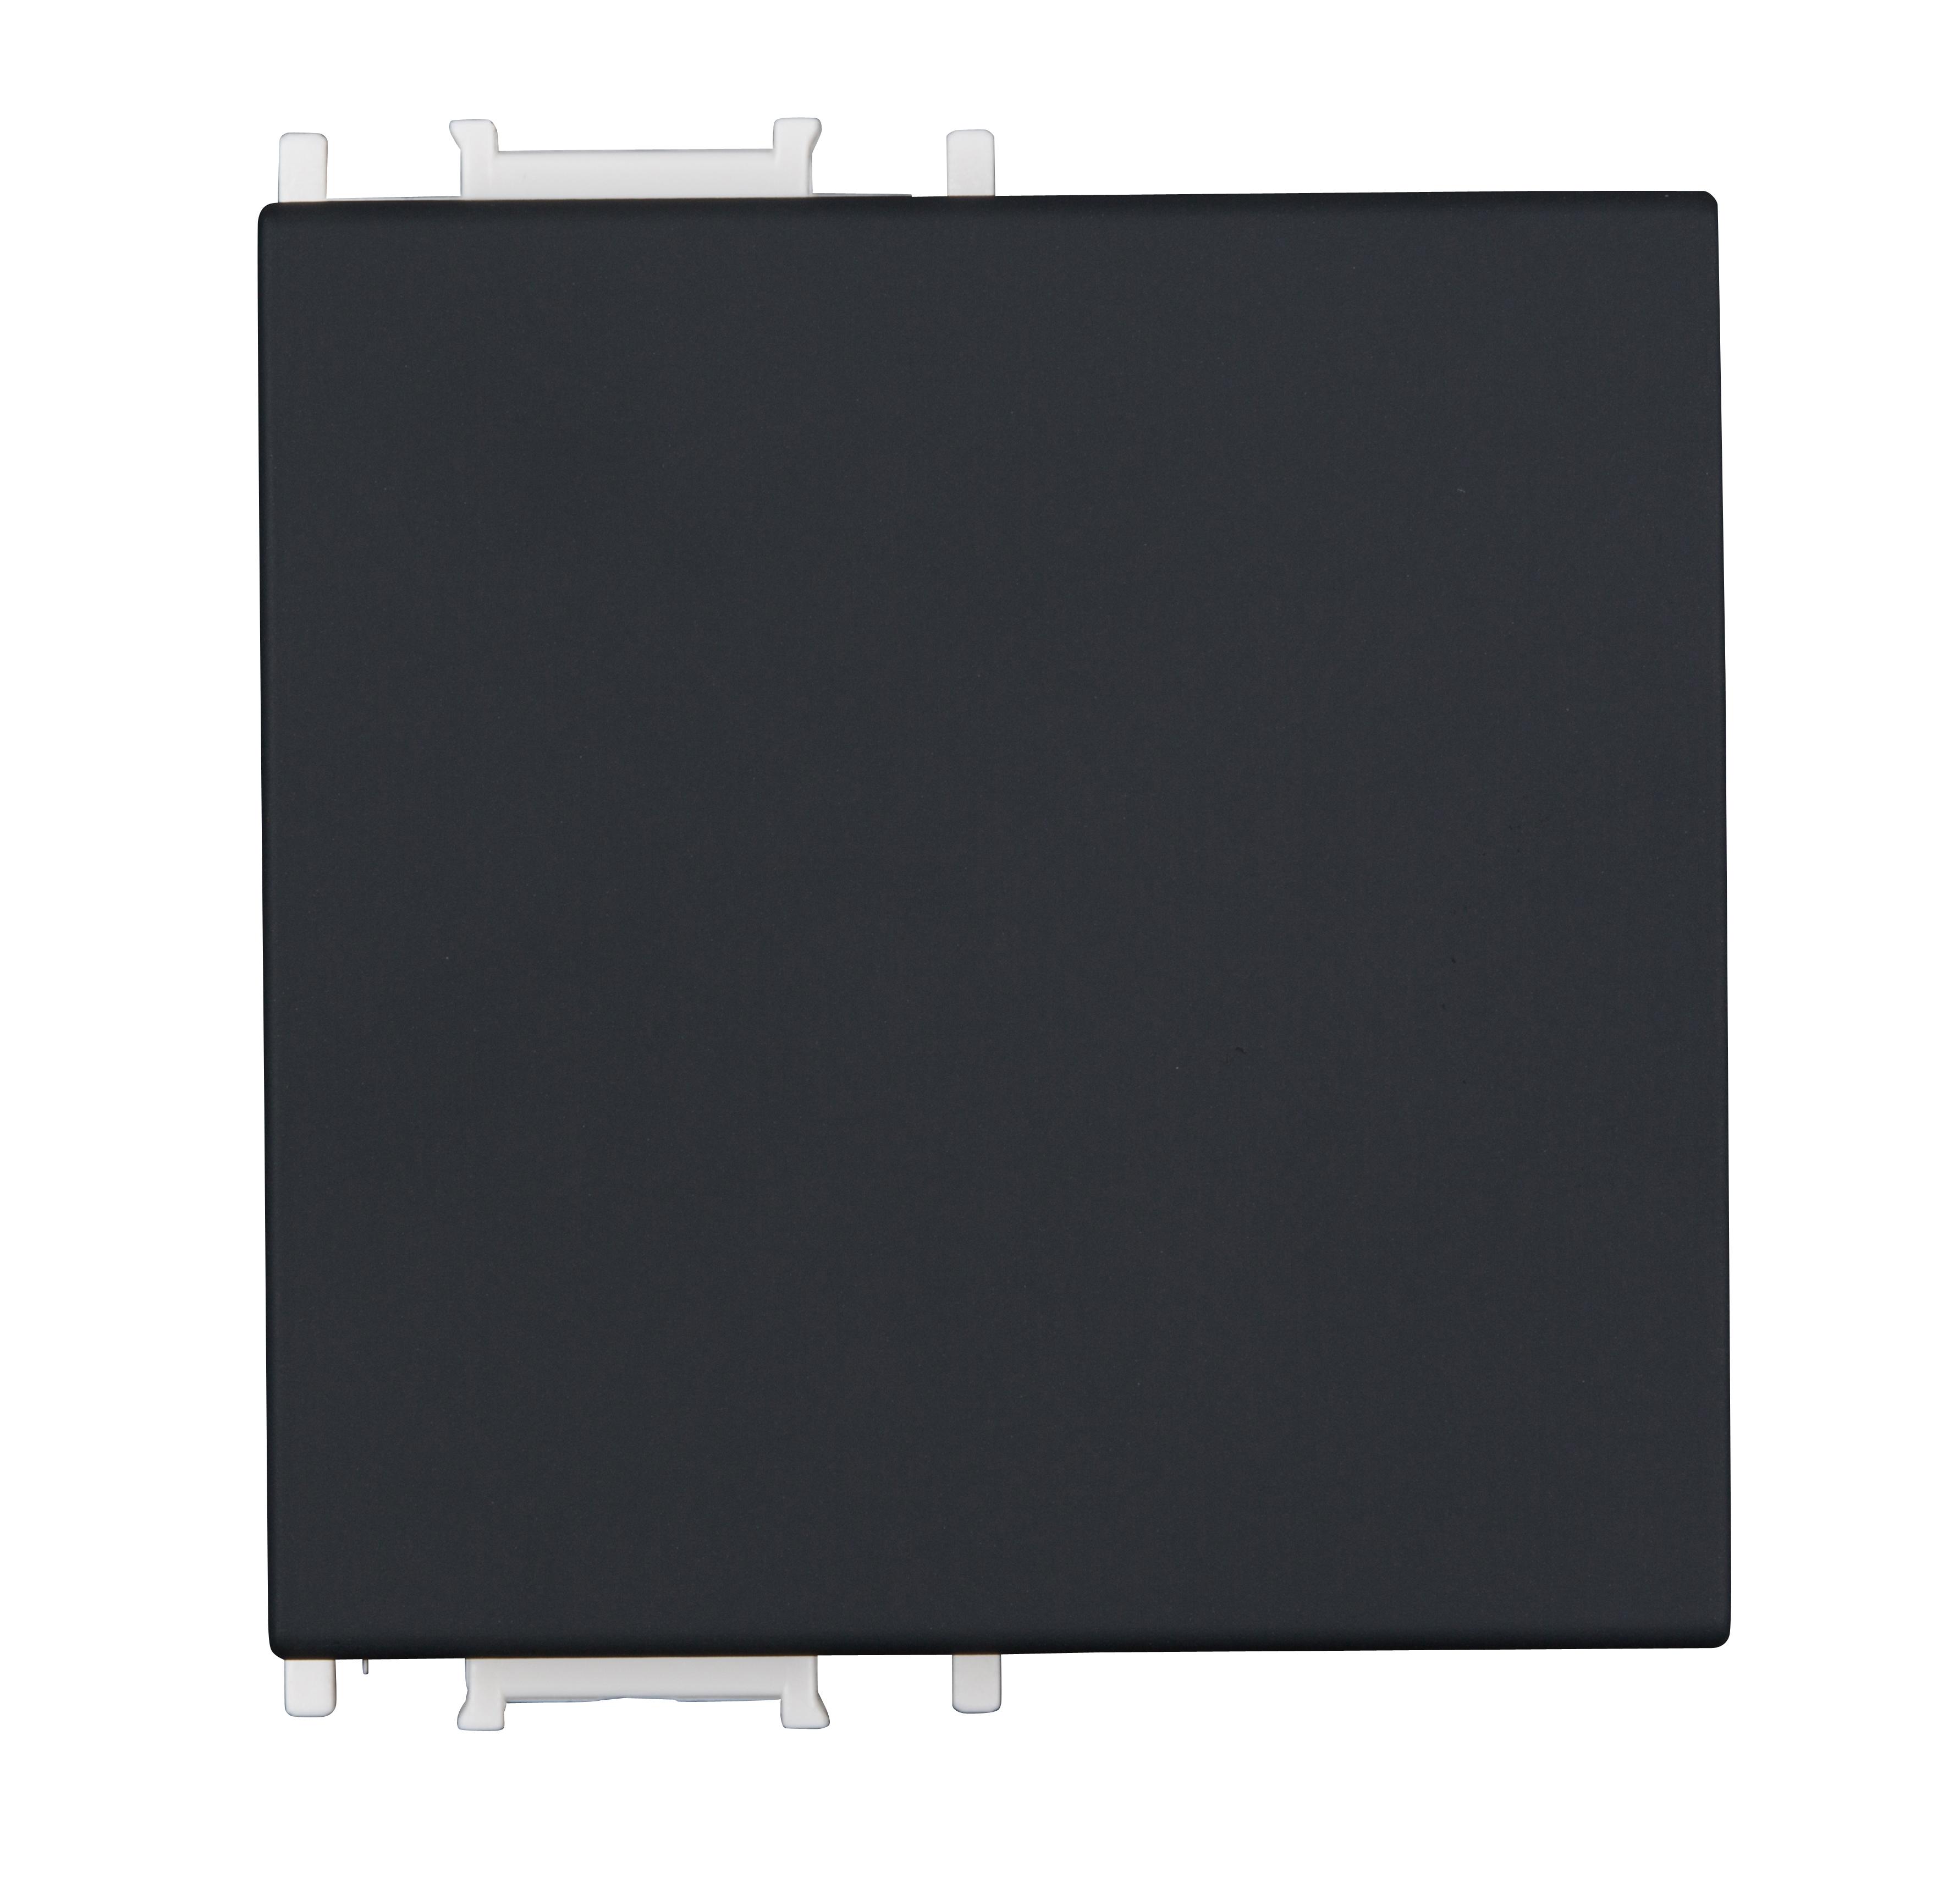 1 Stk Schalterabdeckung 2M, schwarz ET112002--